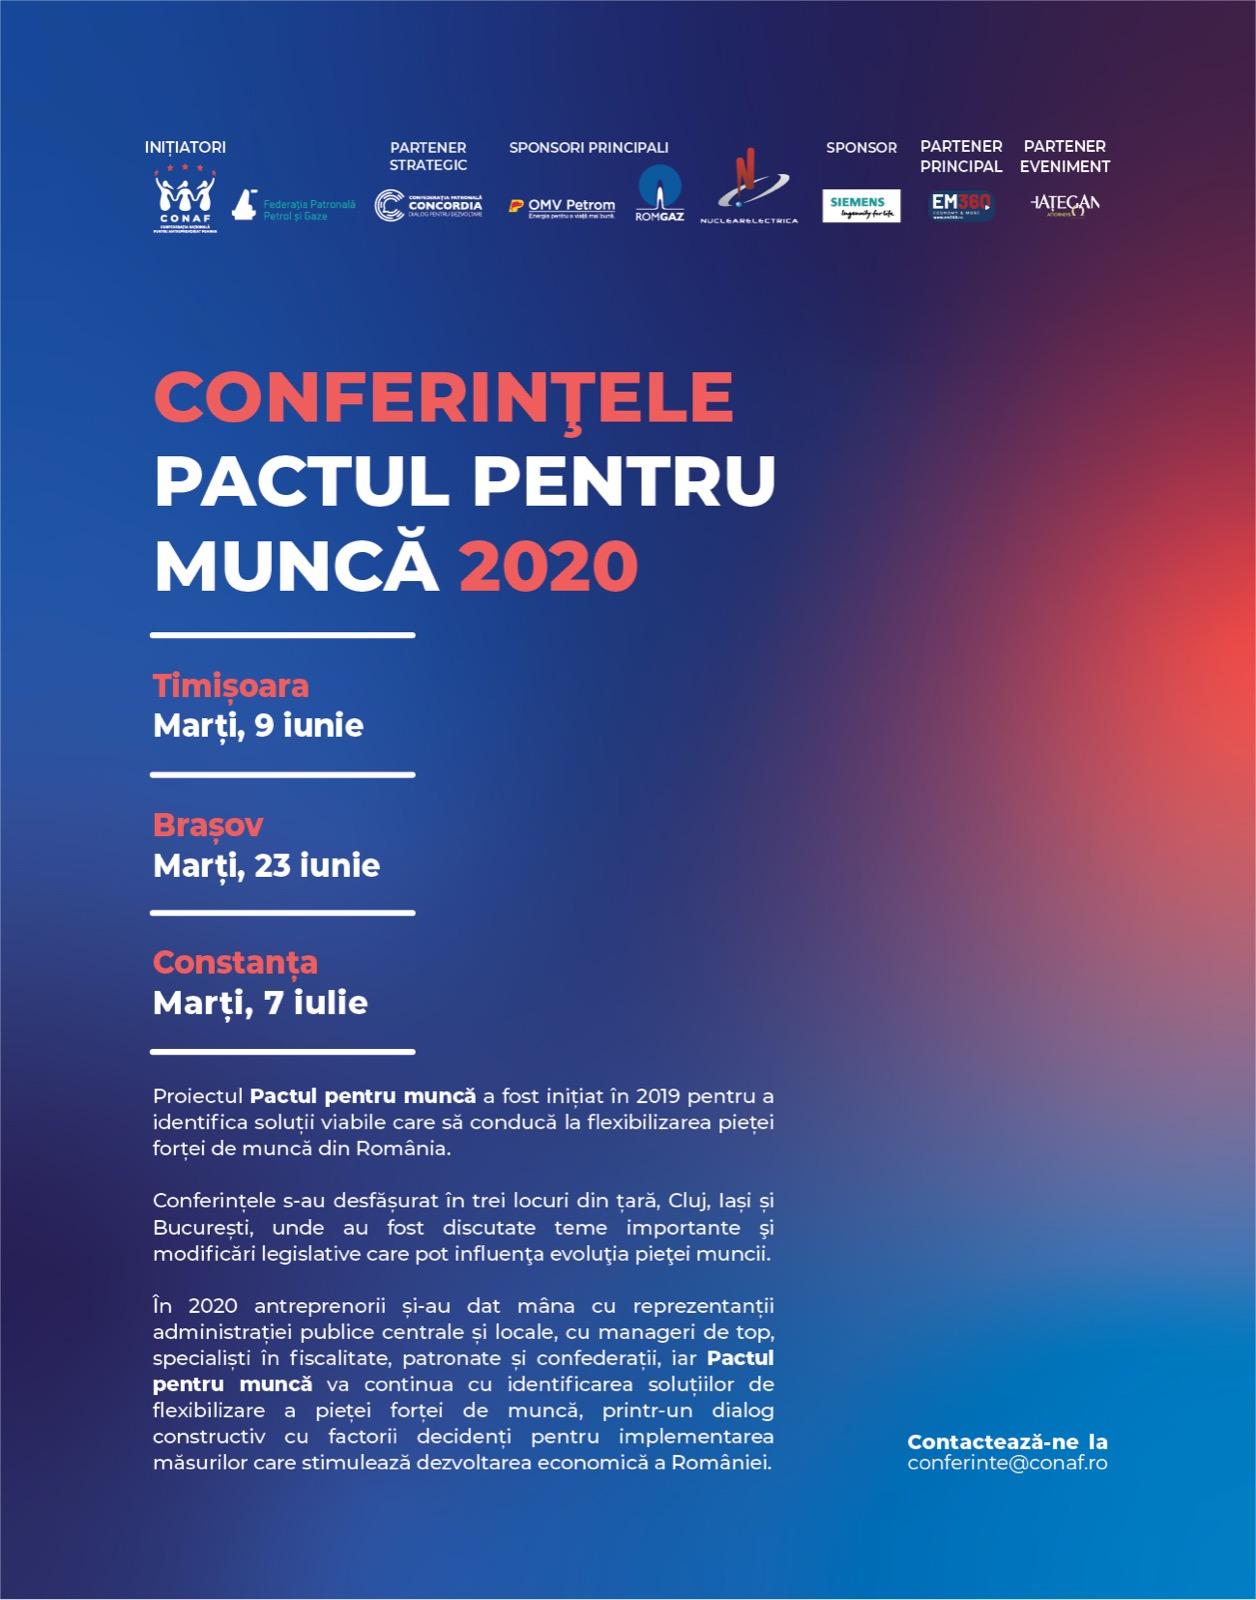 România va pierde cel puțin 2-3 miliarde de dolari în 2020!